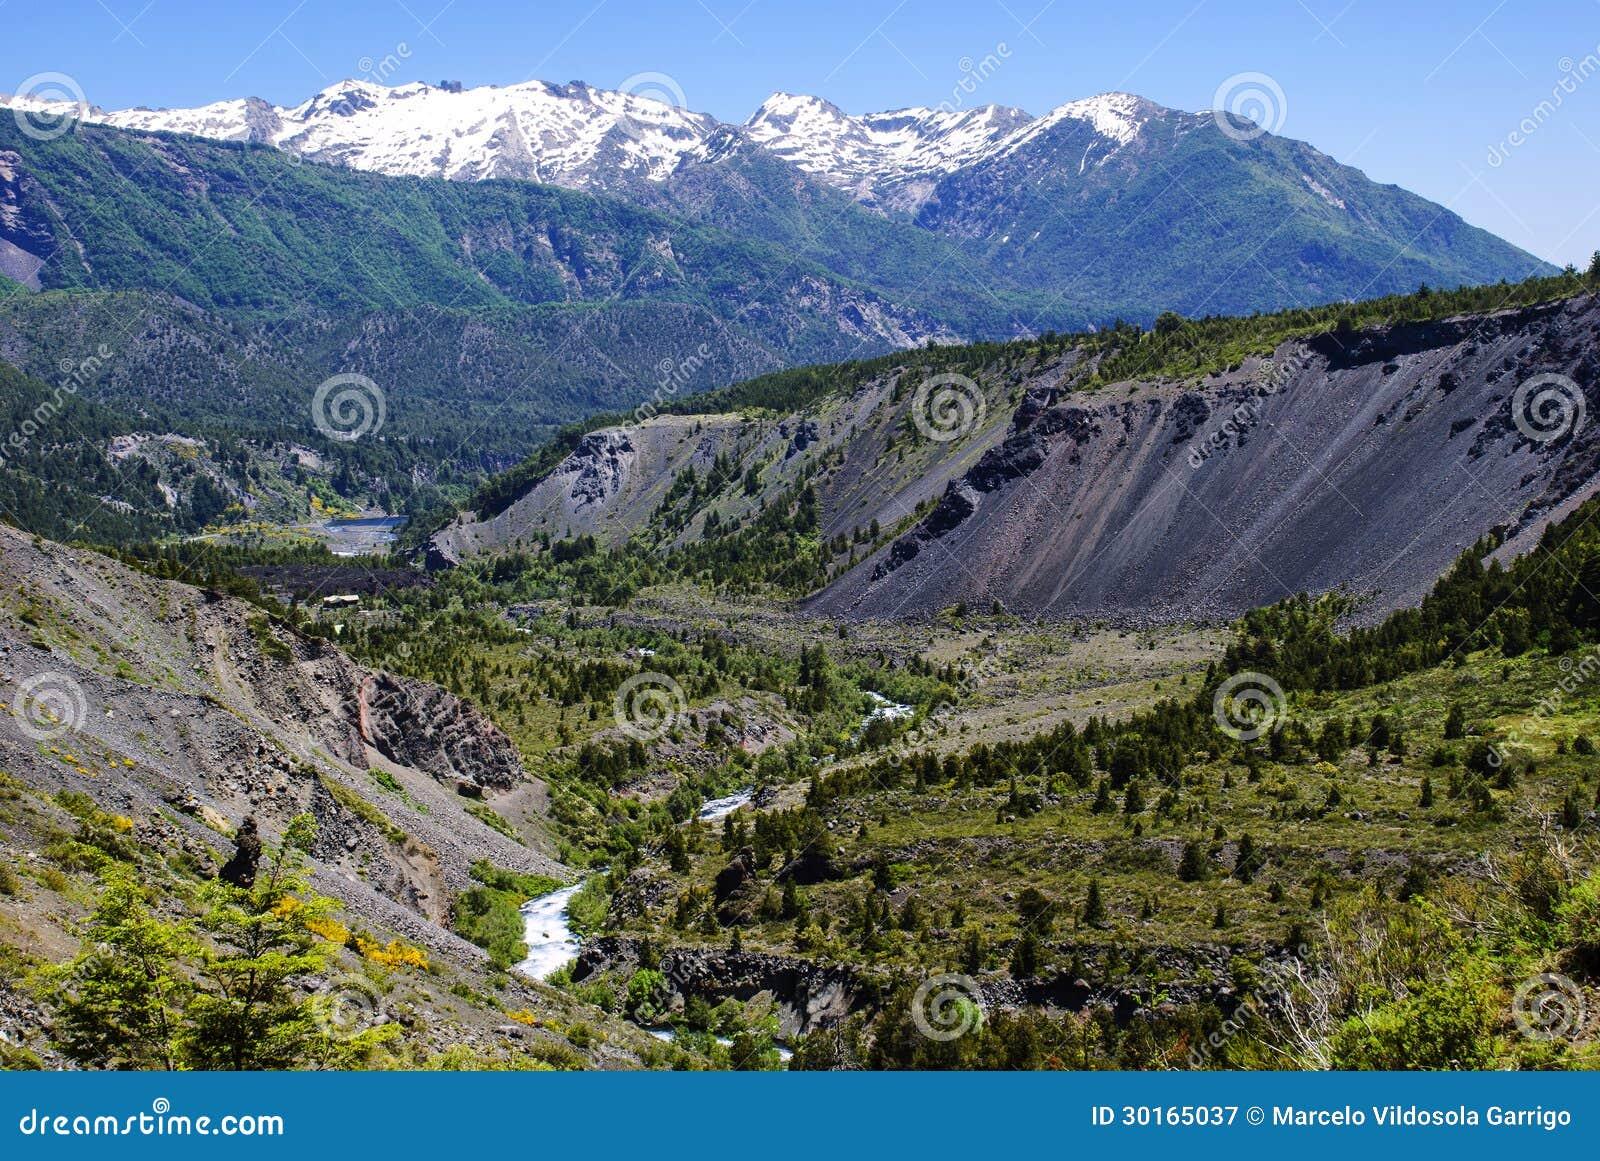 Barranco de la Cordillera